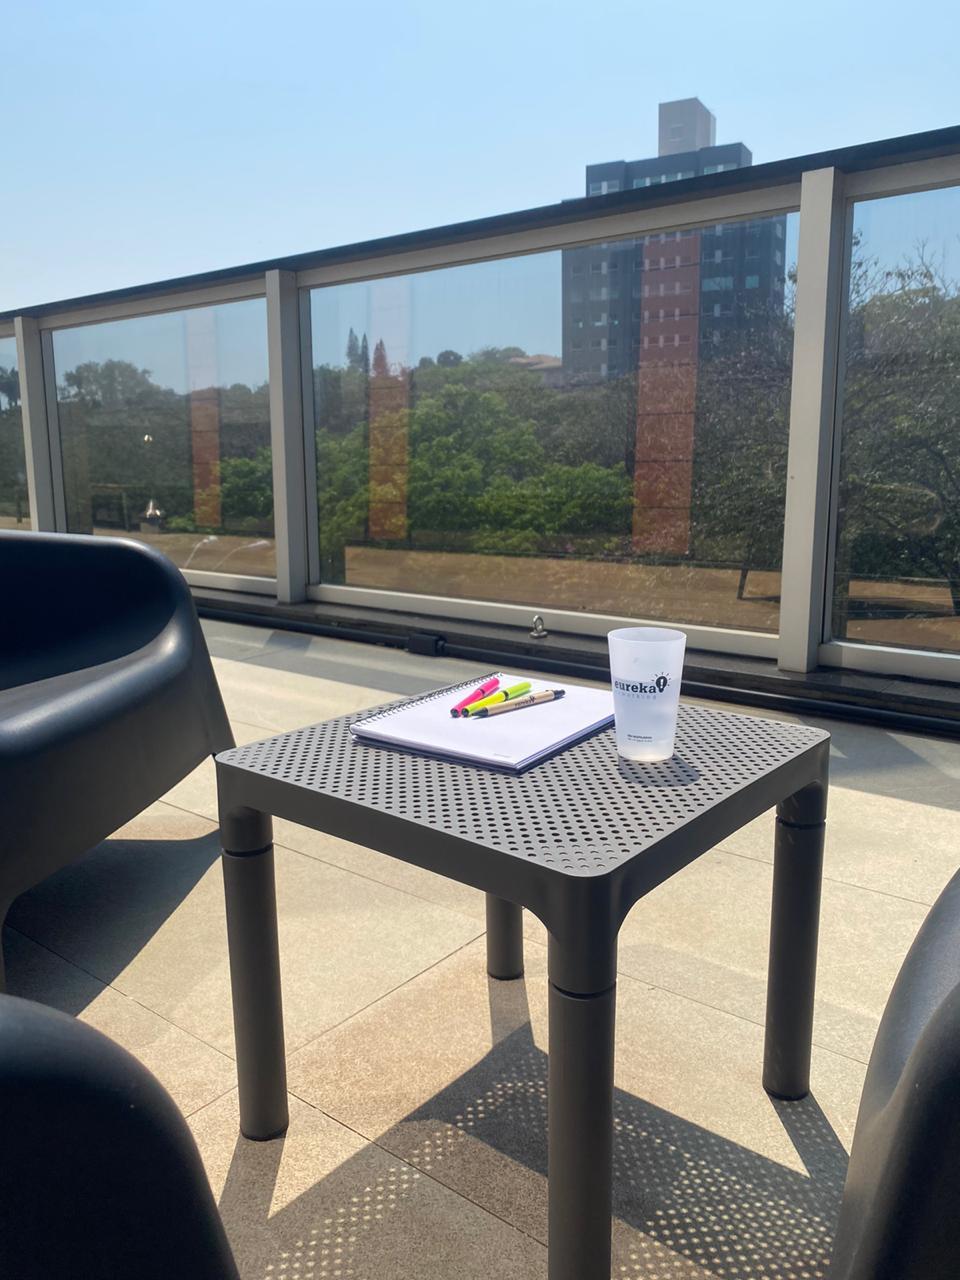 escritorio ao ar livre